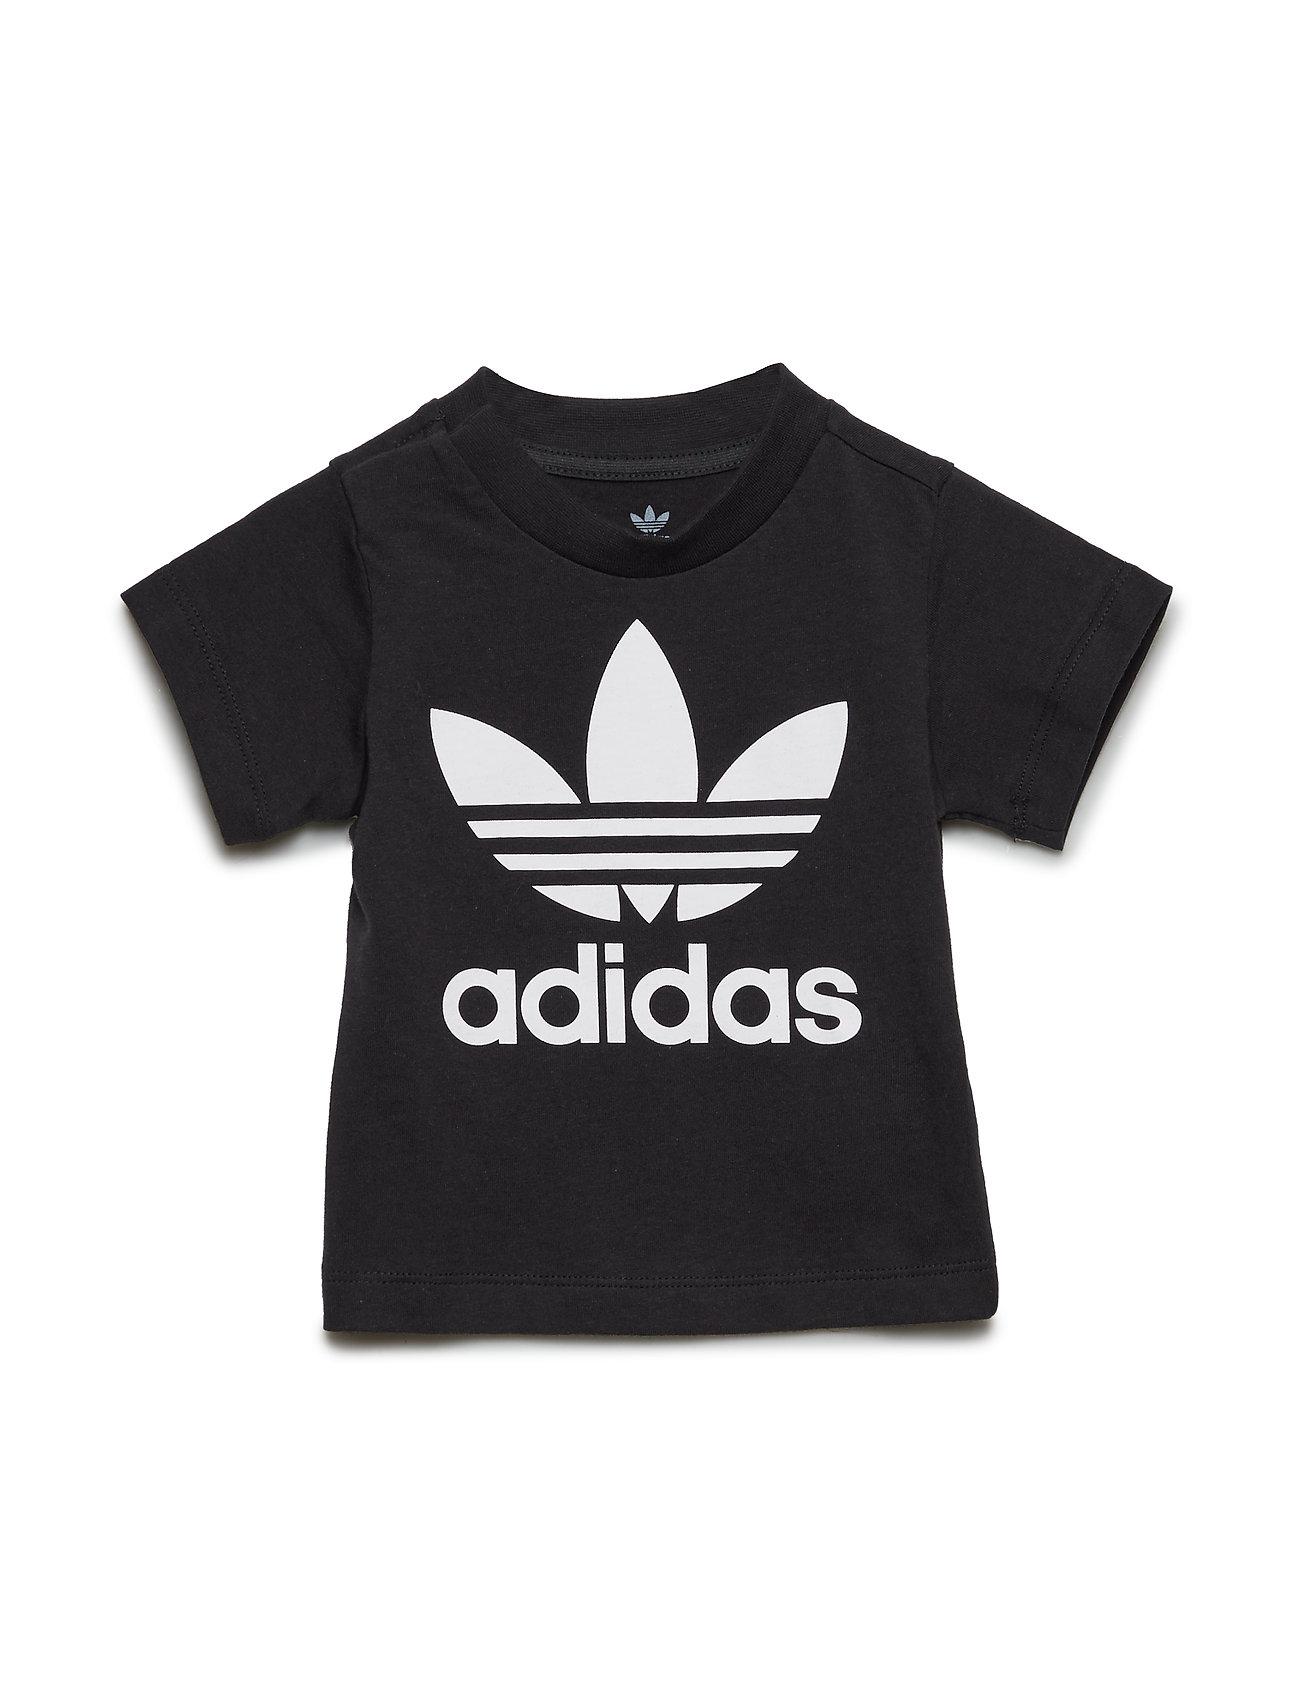 adidas Originals TREFOIL TEE - BLACK/WHITE